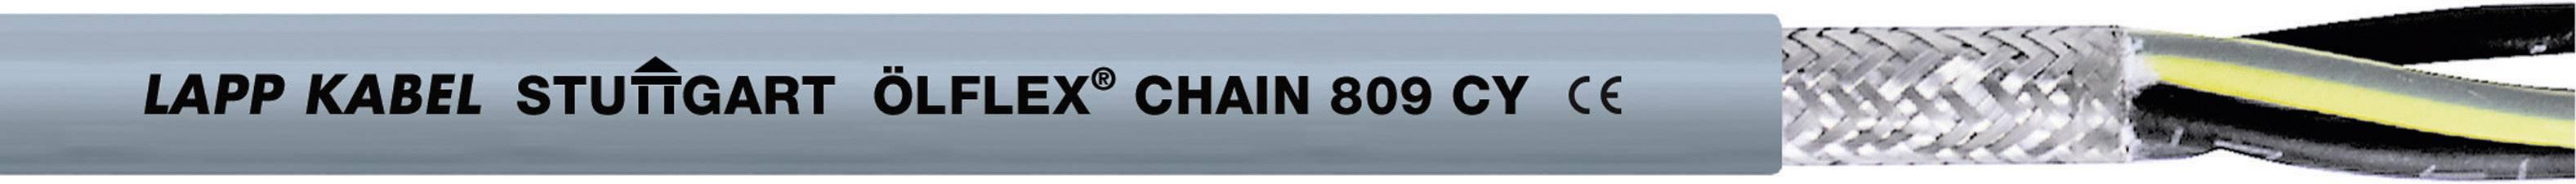 Žíla kabelu LappKabel ÖLFLEX CHAIN 809 CY 3G1,5 (1026776), 3x 1,5 mm², PVC, Ø 7,5 mm, stíněný, 100 m, šedá